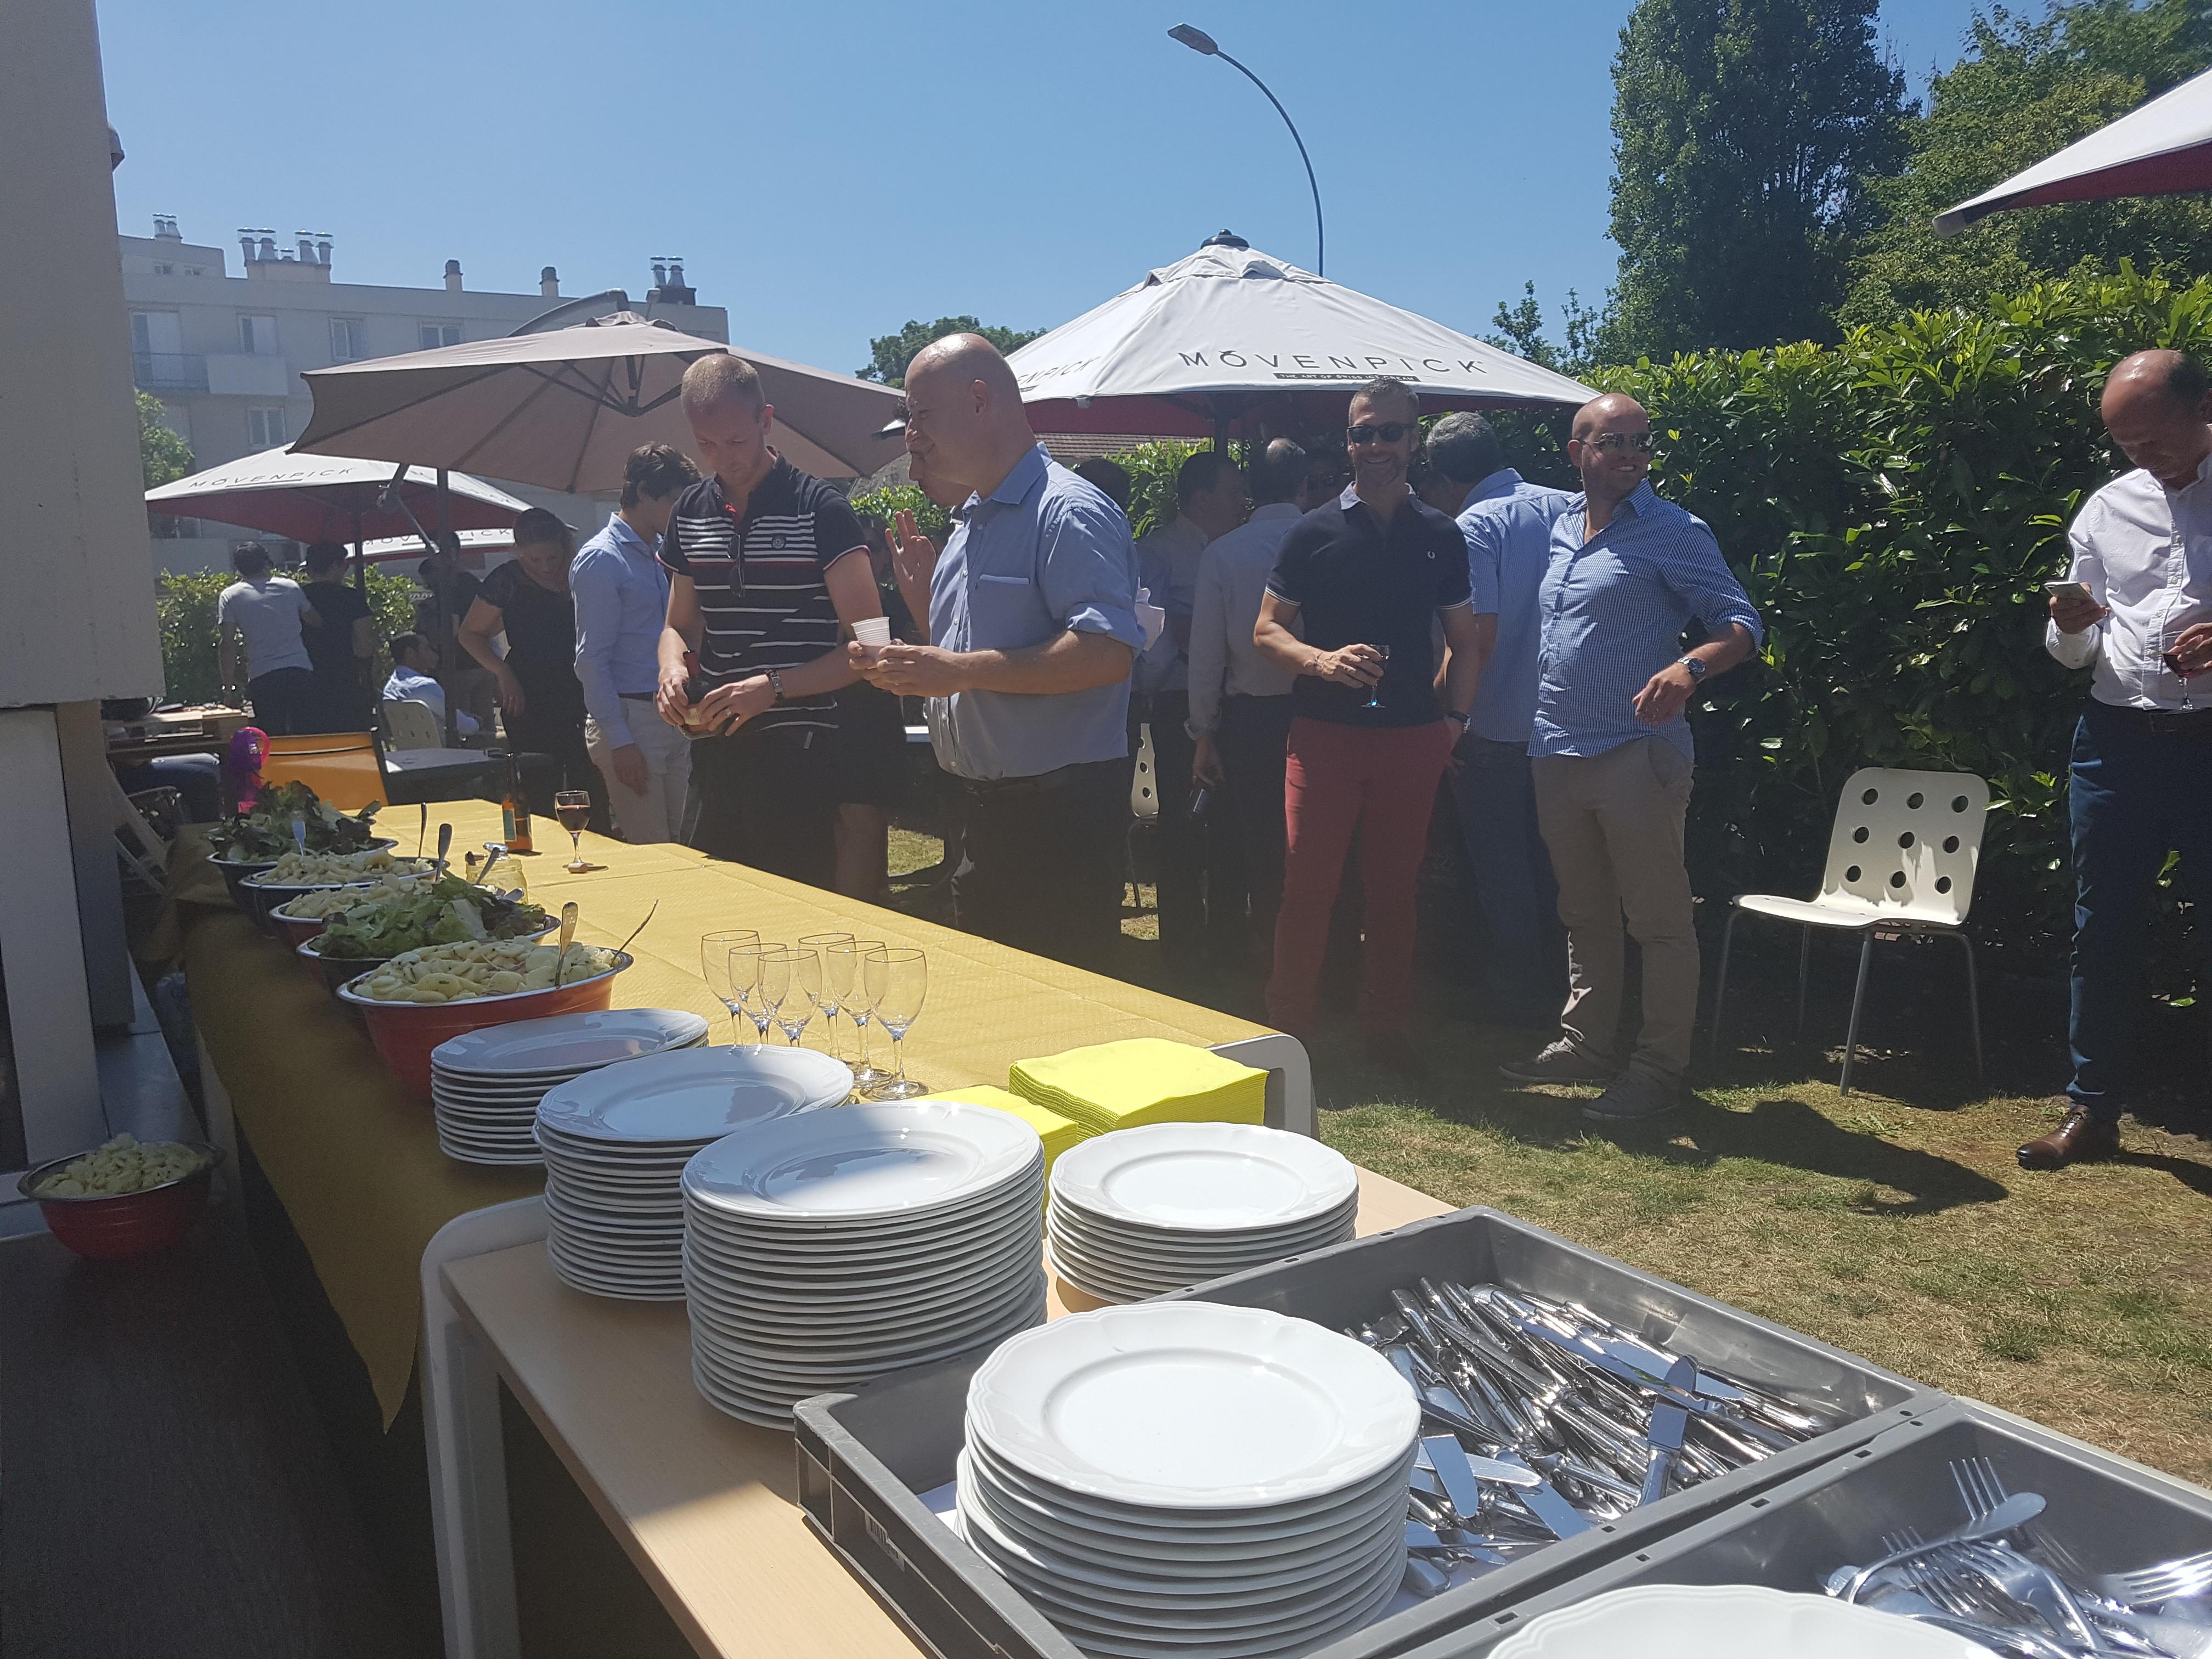 Repas estival et convivial pour les 90 collaborateurs du for Repas simple et convivial